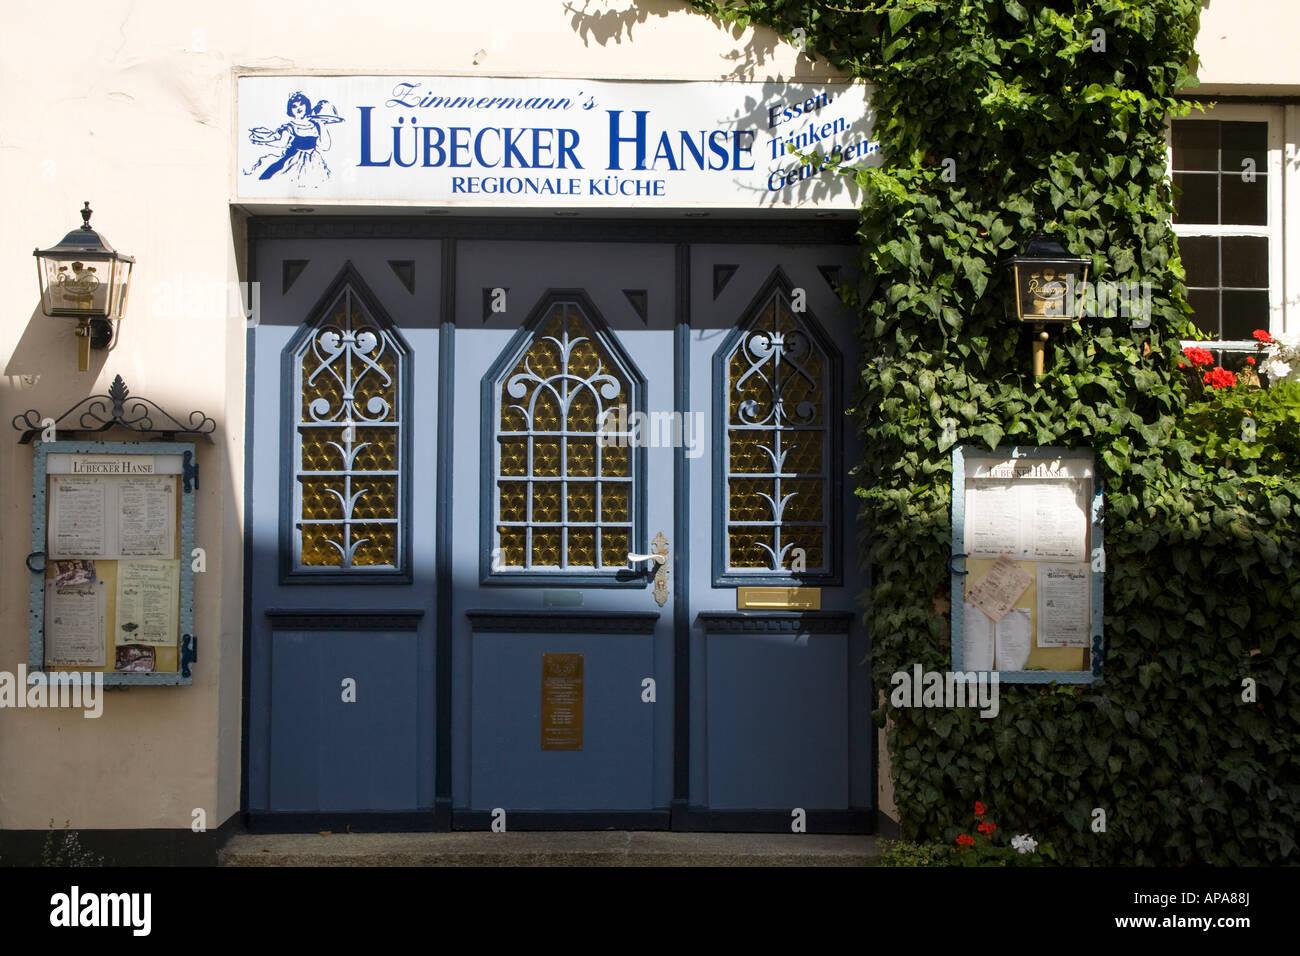 Lubecker Hanse Regionale Kuche Restaurant Lubeck Schleswig